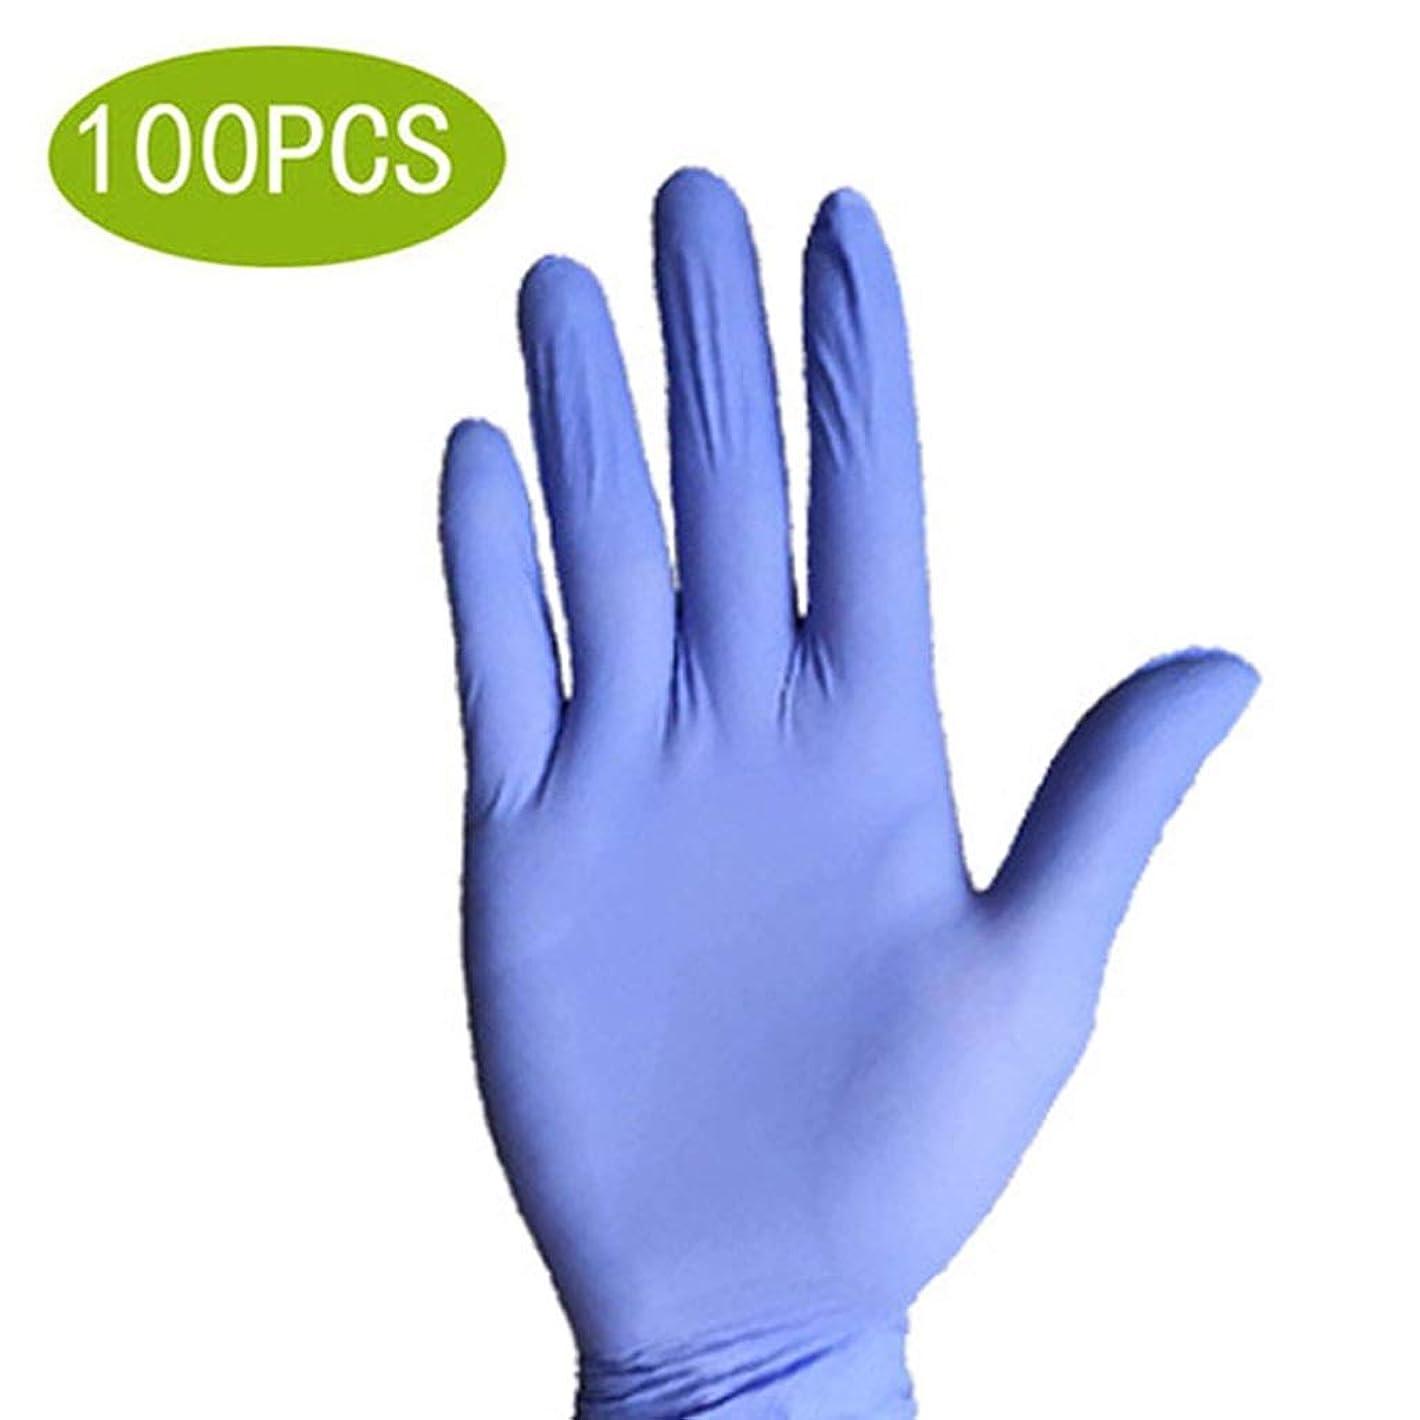 偏見区画アサー保護用使い捨てニトリル医療用手袋、ラテックスフリー、試験グレードの手袋、テクスチャード加工、両性、非滅菌、100個入り (Size : M)